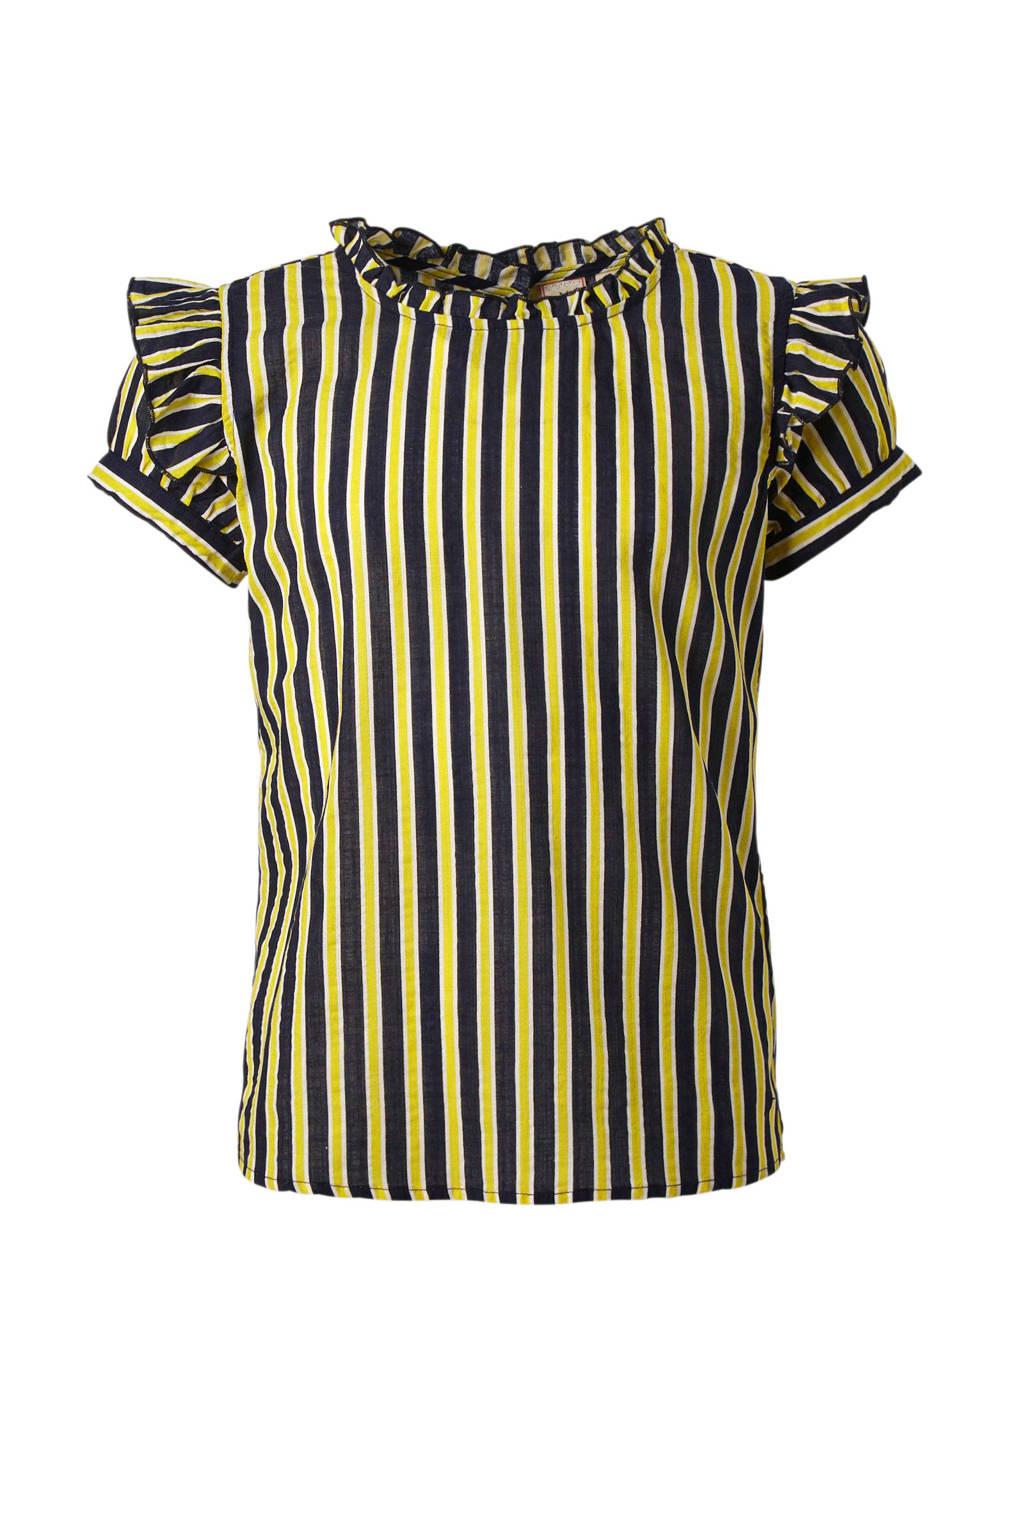 Indian Blue Jeans gestreepte top met ruches geel/blauw, Geel/donkerblauw